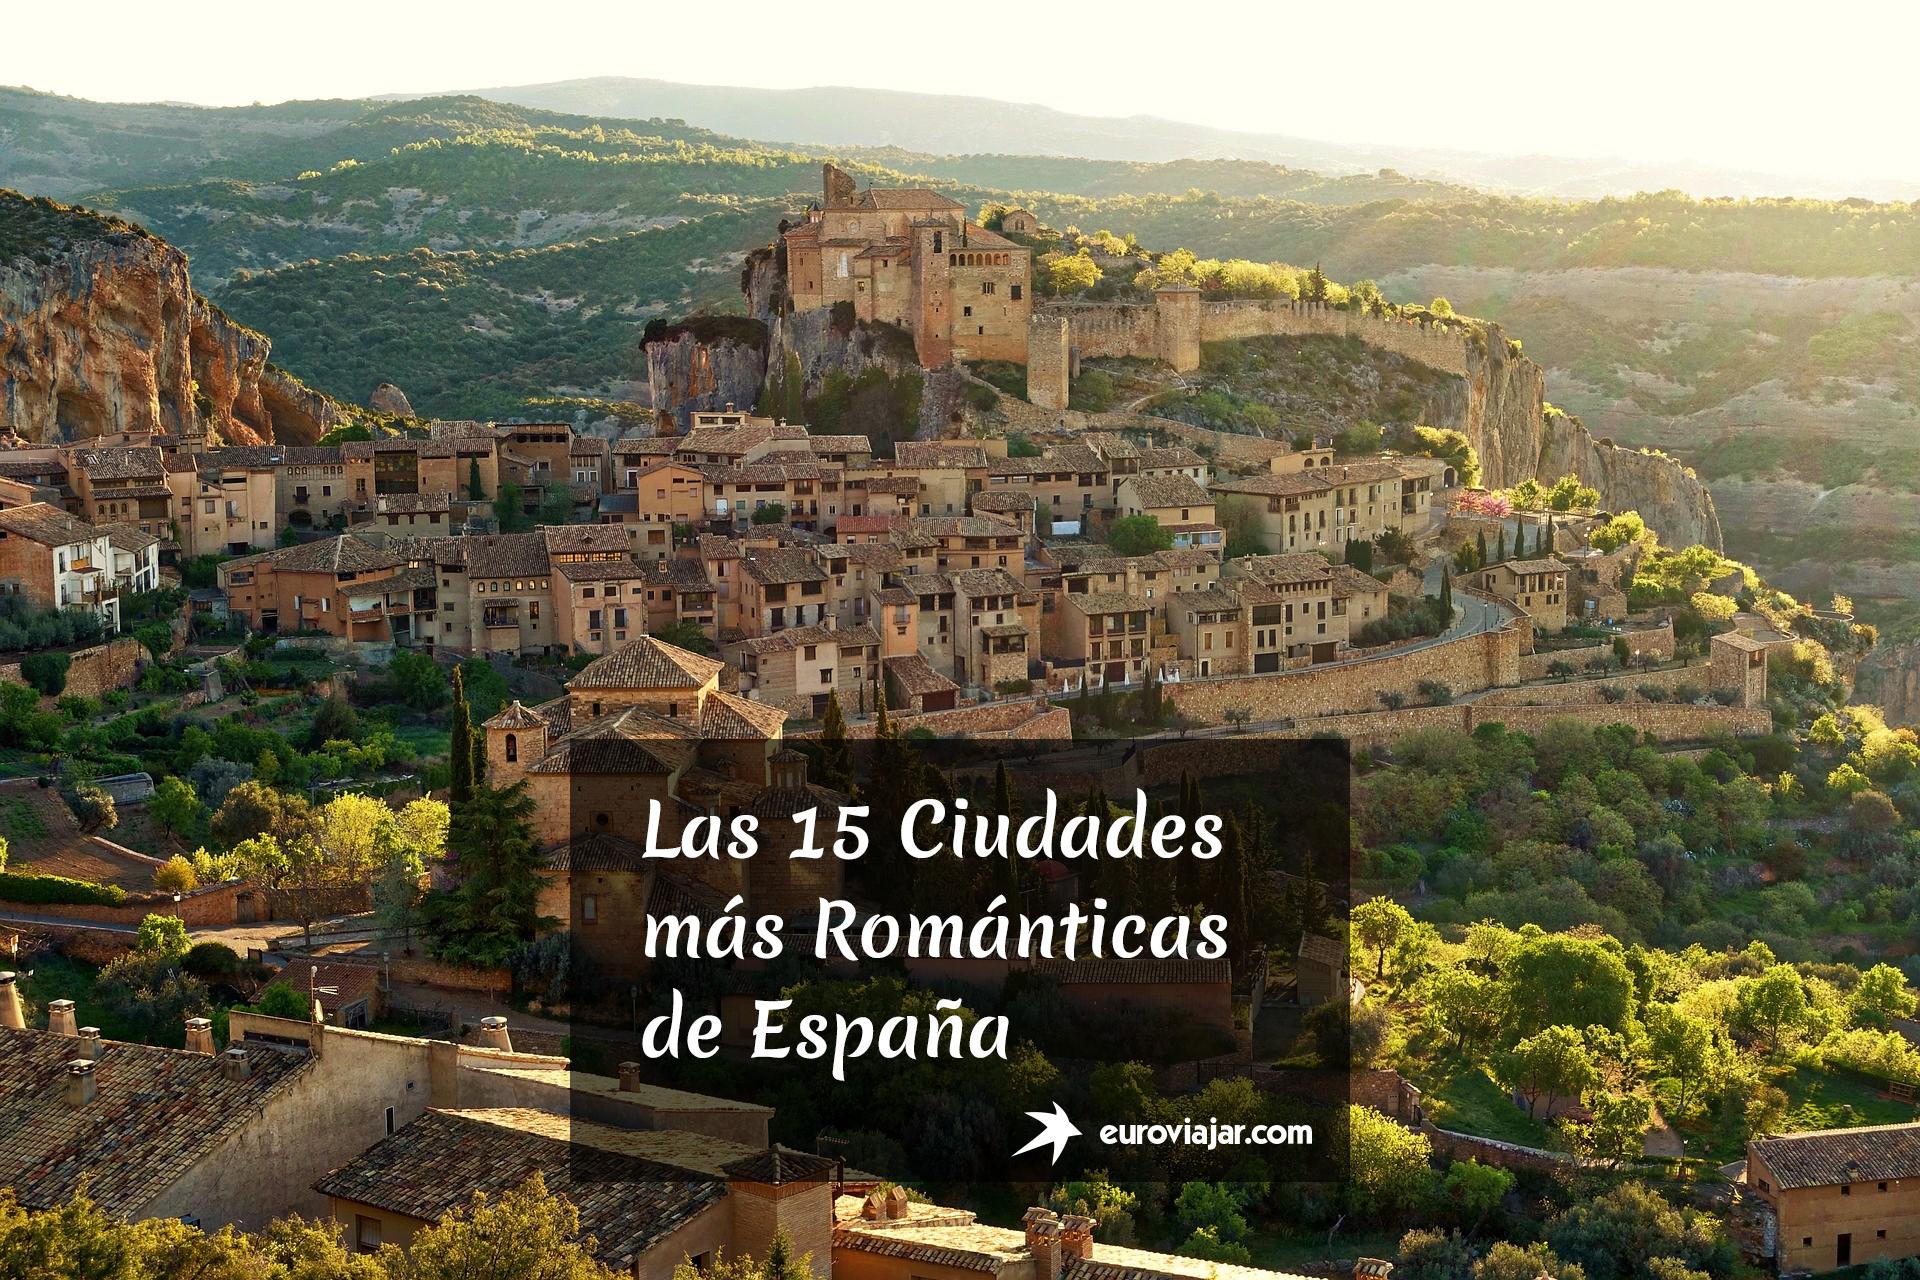 Las Ciudades más Románticas de España